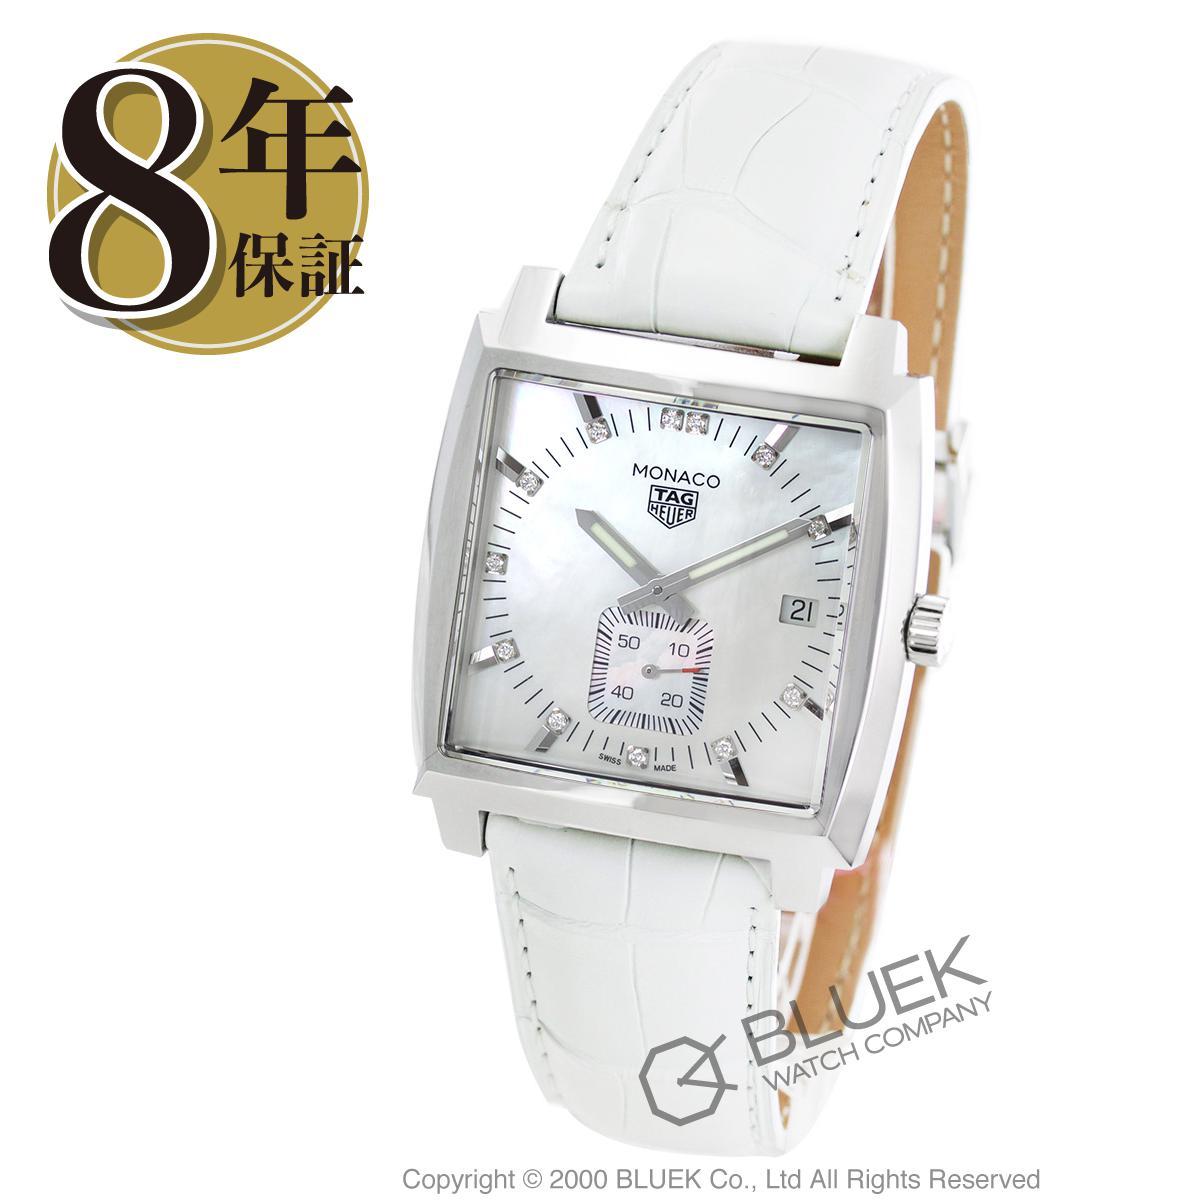 タグホイヤー モナコ ダイヤ アリゲーターレザー 腕時計 メンズ TAG Heuer WAW131B.FC6247_8